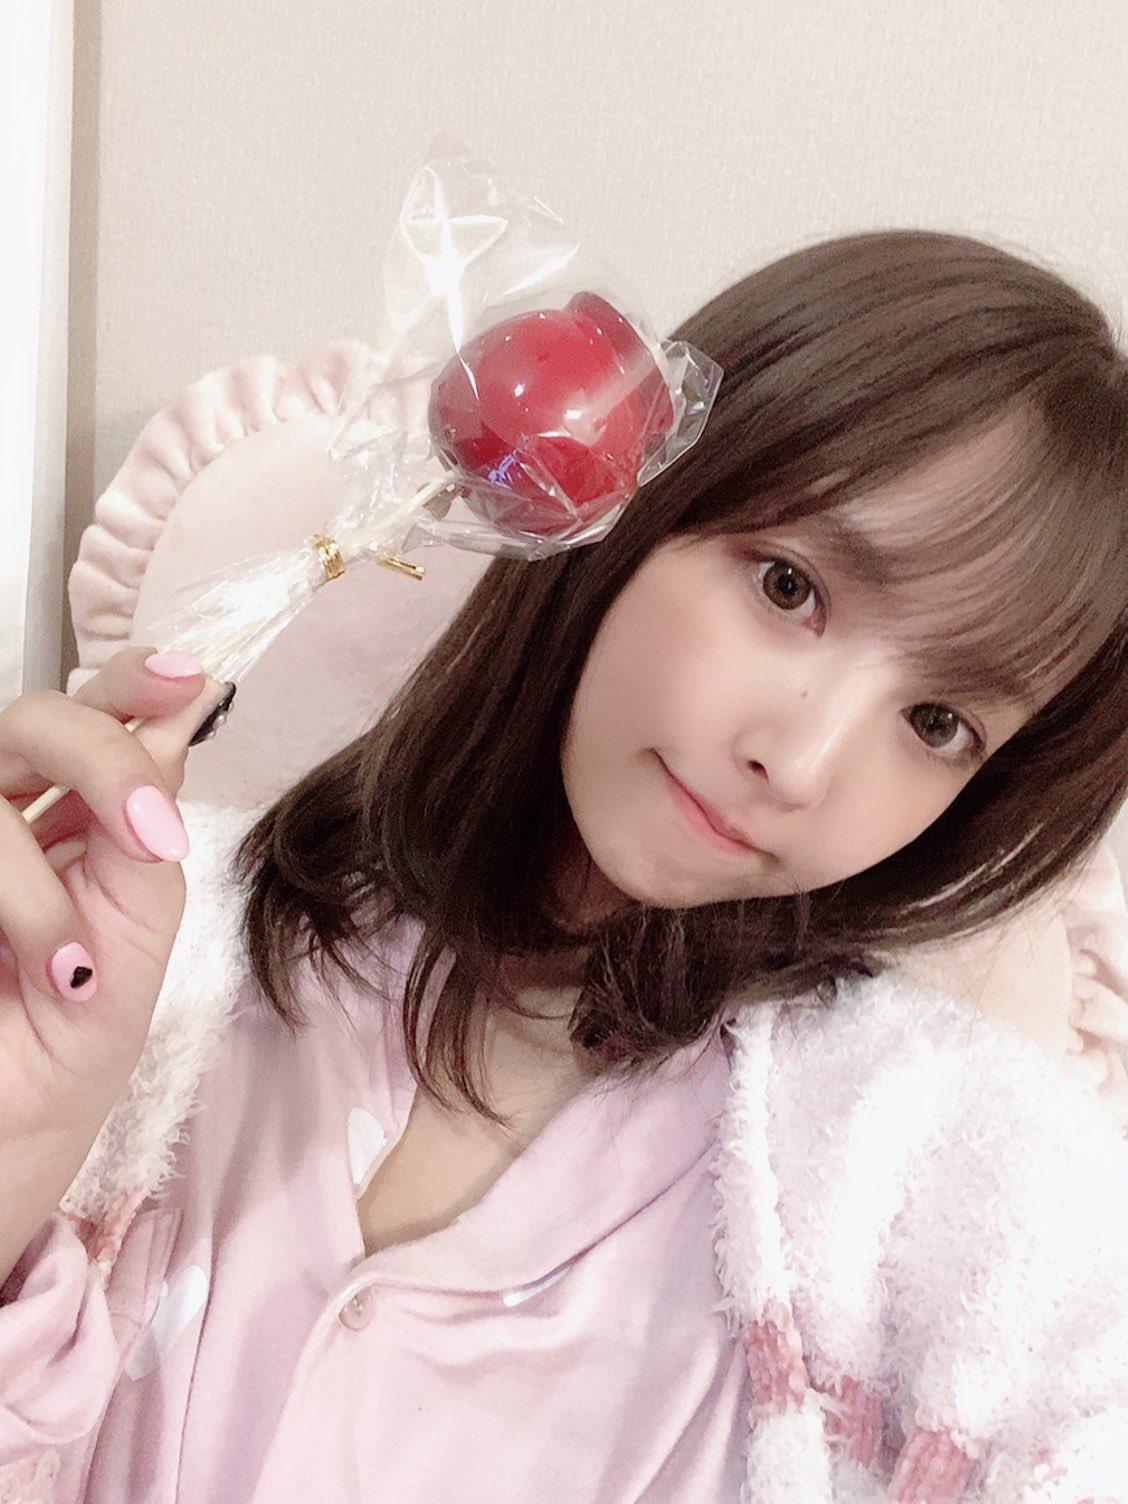 yua_mikami 1197367974186741760_p0